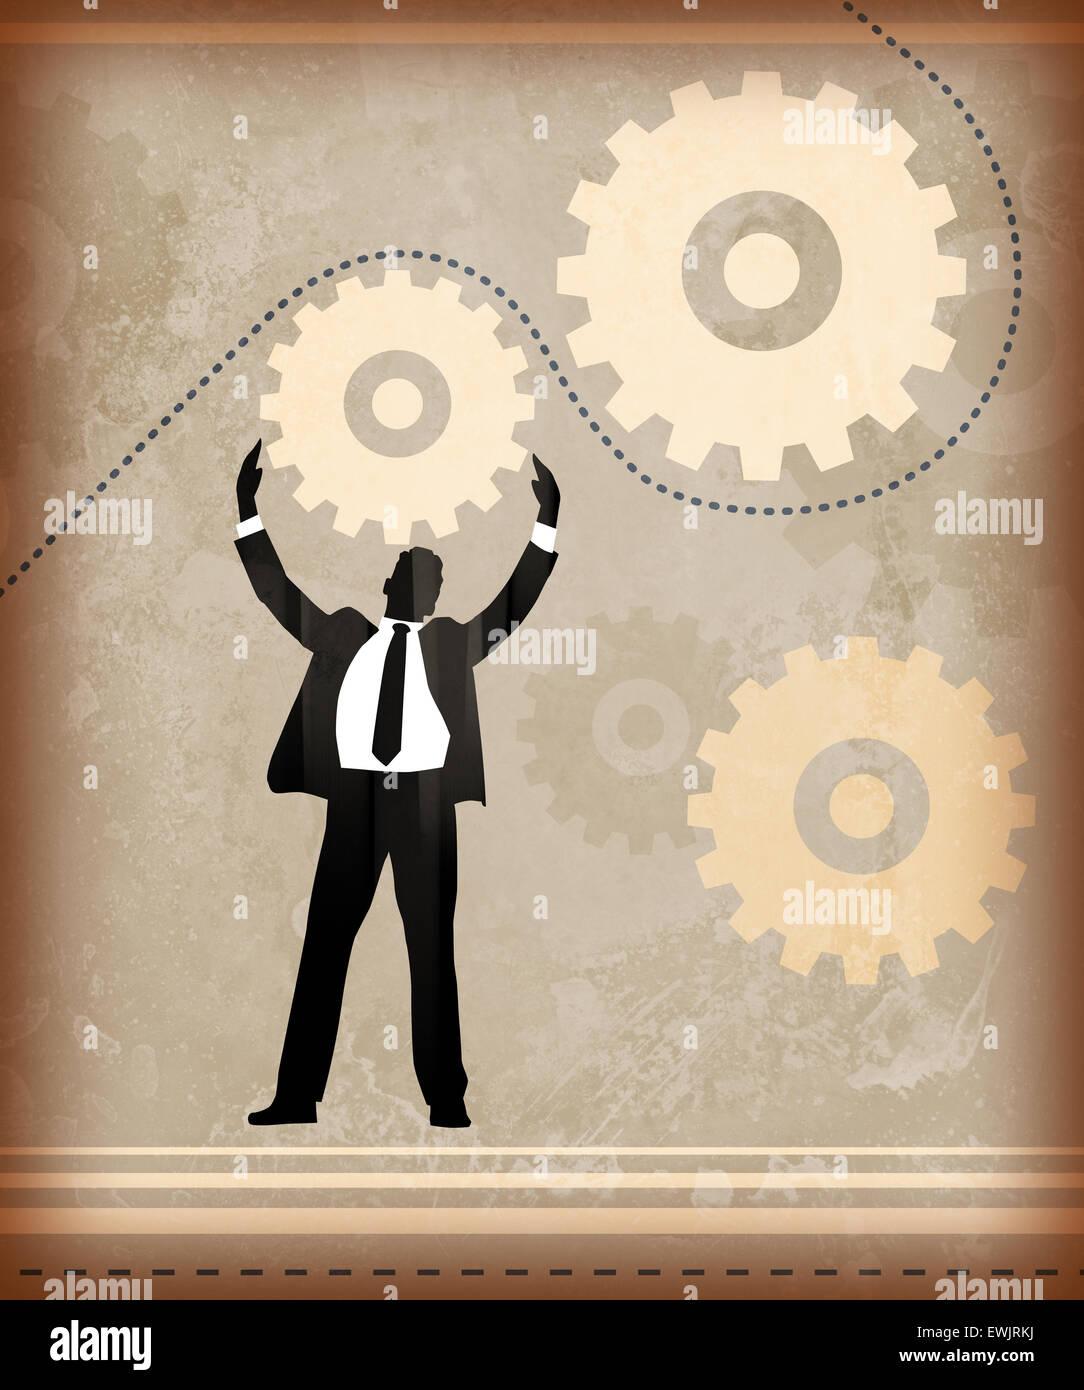 Immagine illustrativa di imprenditore che rappresentano il meccanismo di business Immagini Stock